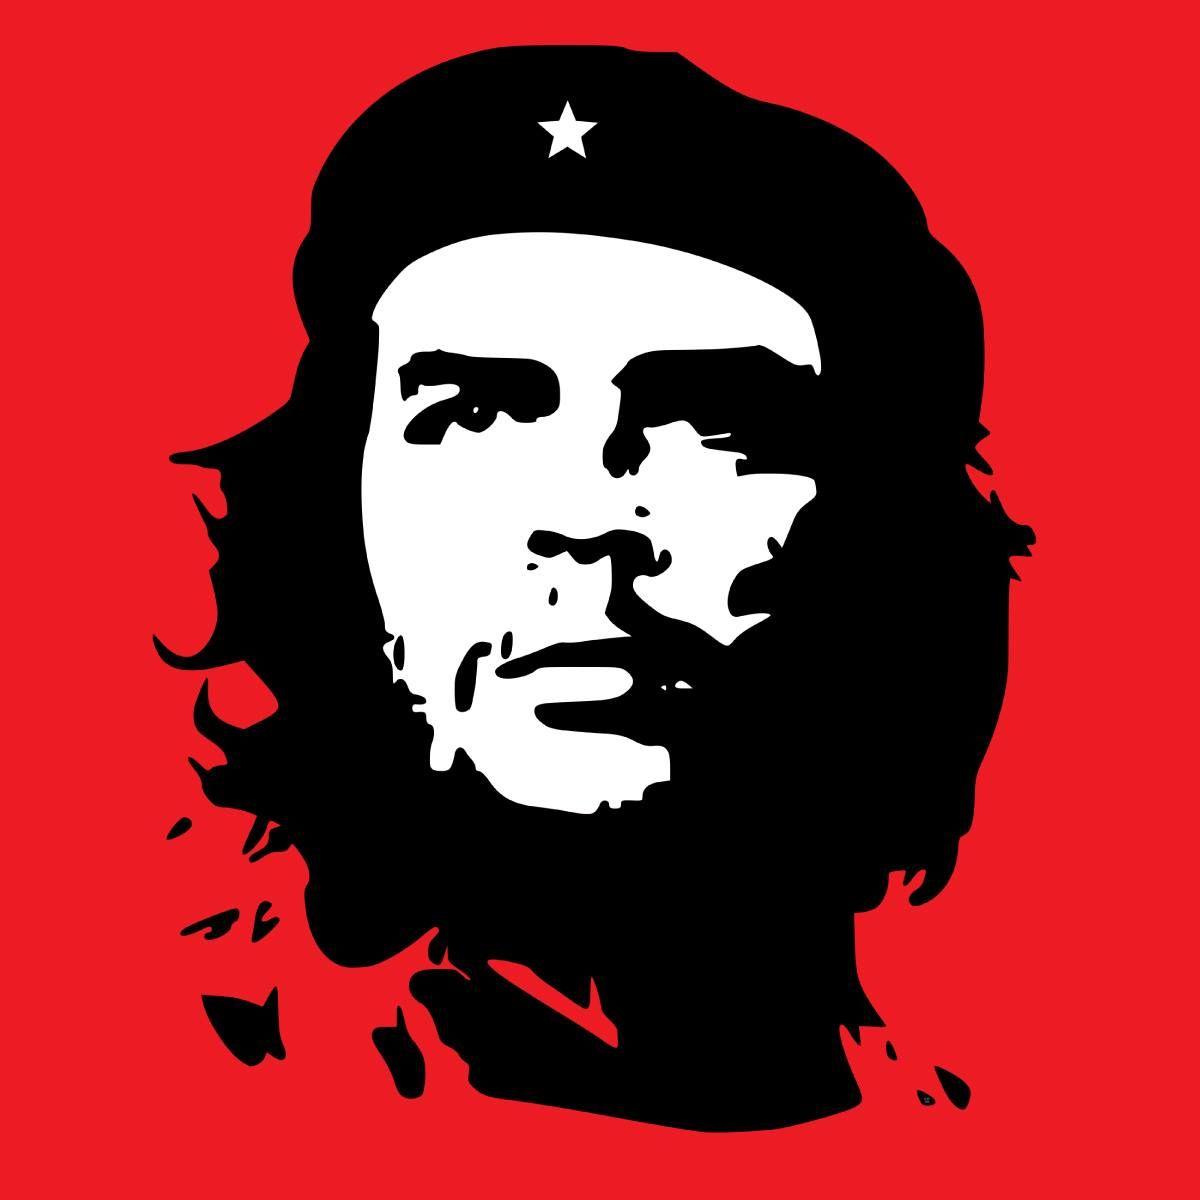 Happy Birthday Che Guevara Ernesto Che Guevara June 14 1928 October 9 1967 Commonly Known As El Che Or Simply Che Che Guevara Art Art Ernesto Che